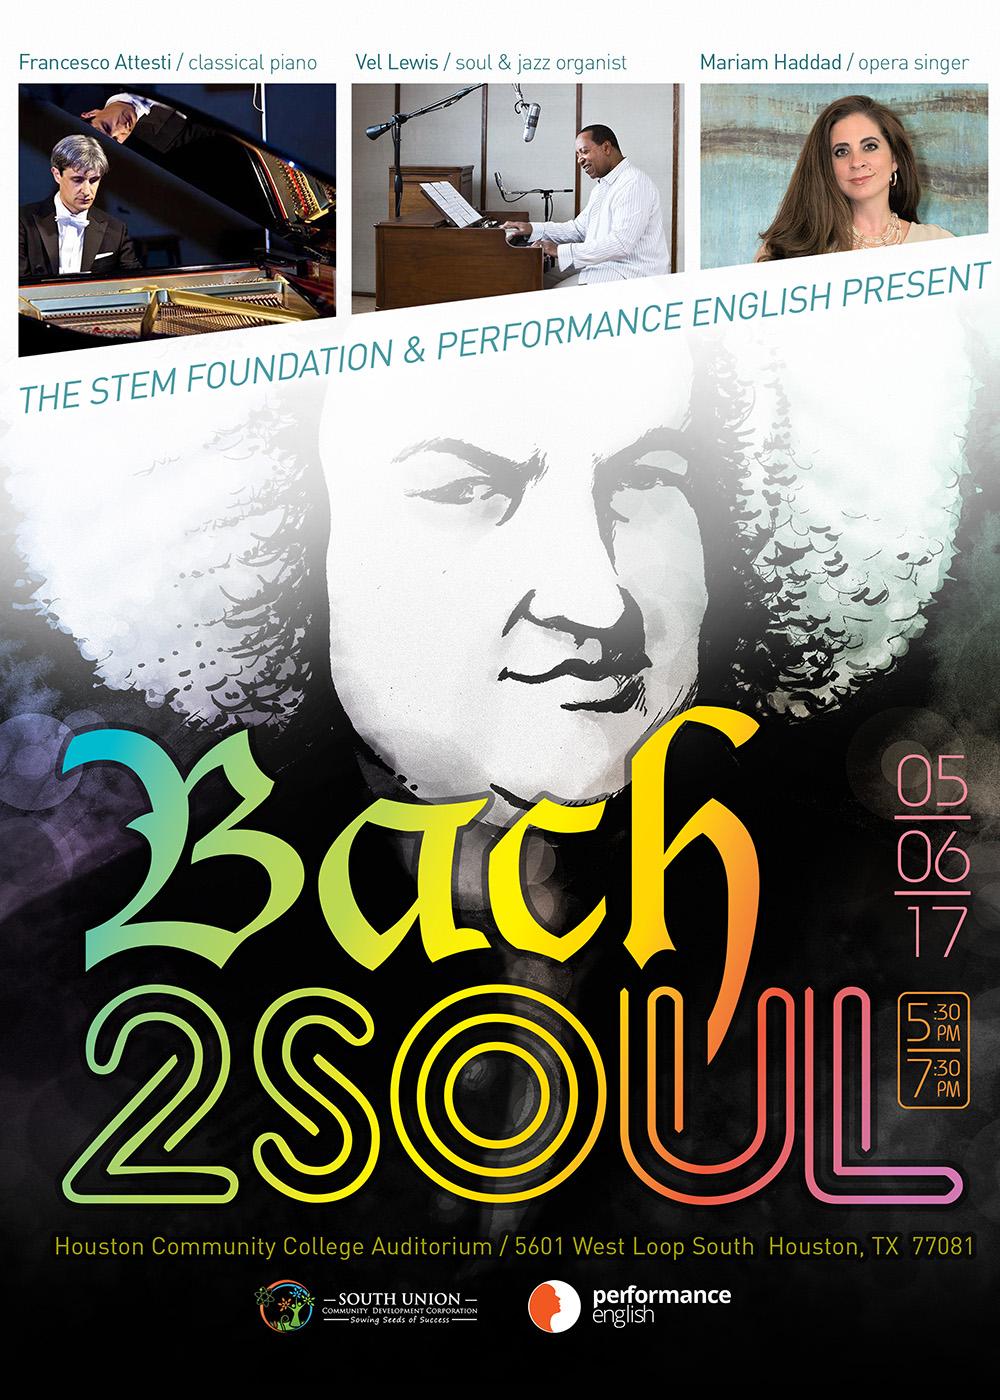 Bach2Soul Concert